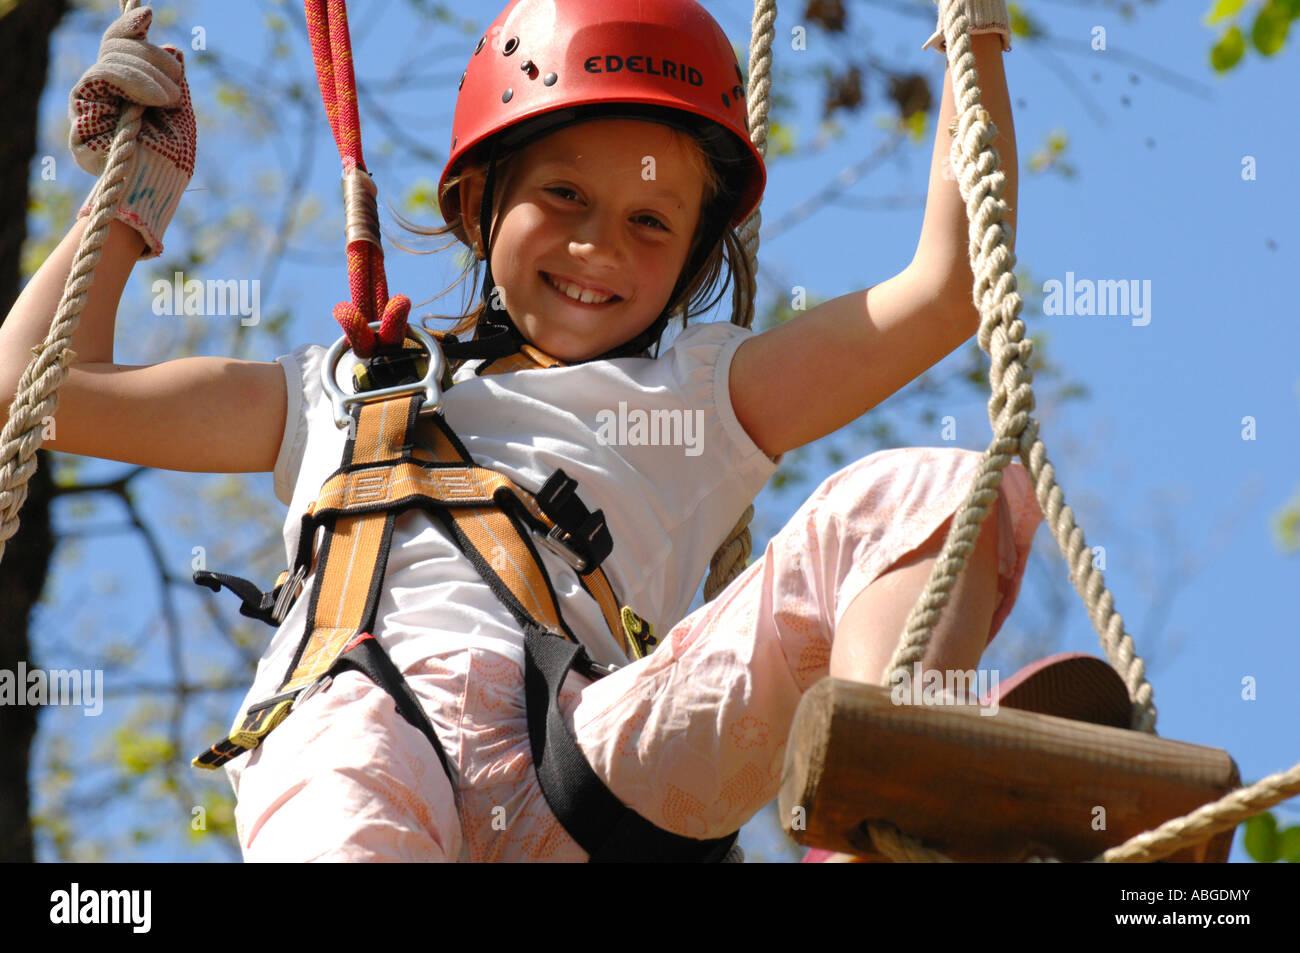 Kletterausrüstung Kinder : Mädchen mit kletterausrüstung klettern wald neroberg wiesbaden